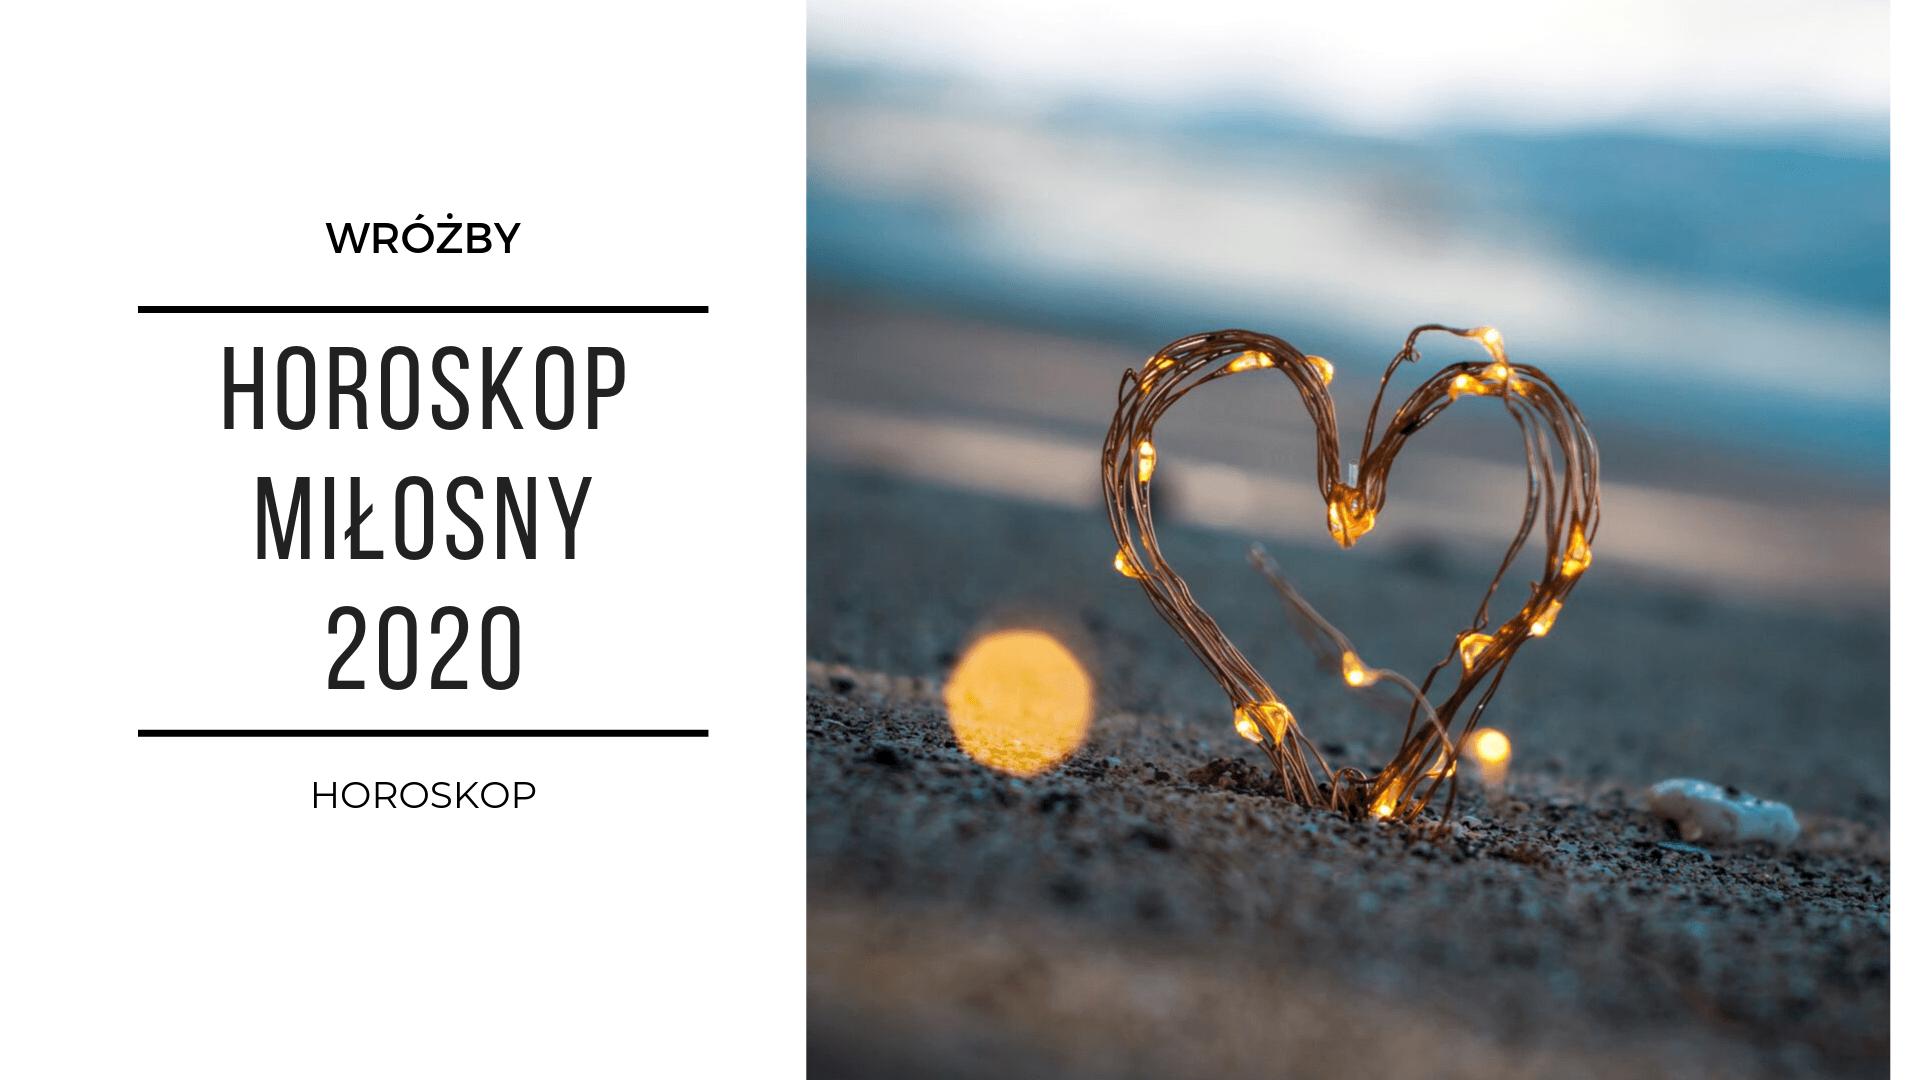 horoskop miłosny 2020 roczny dla wszystkich znaków zodiaku